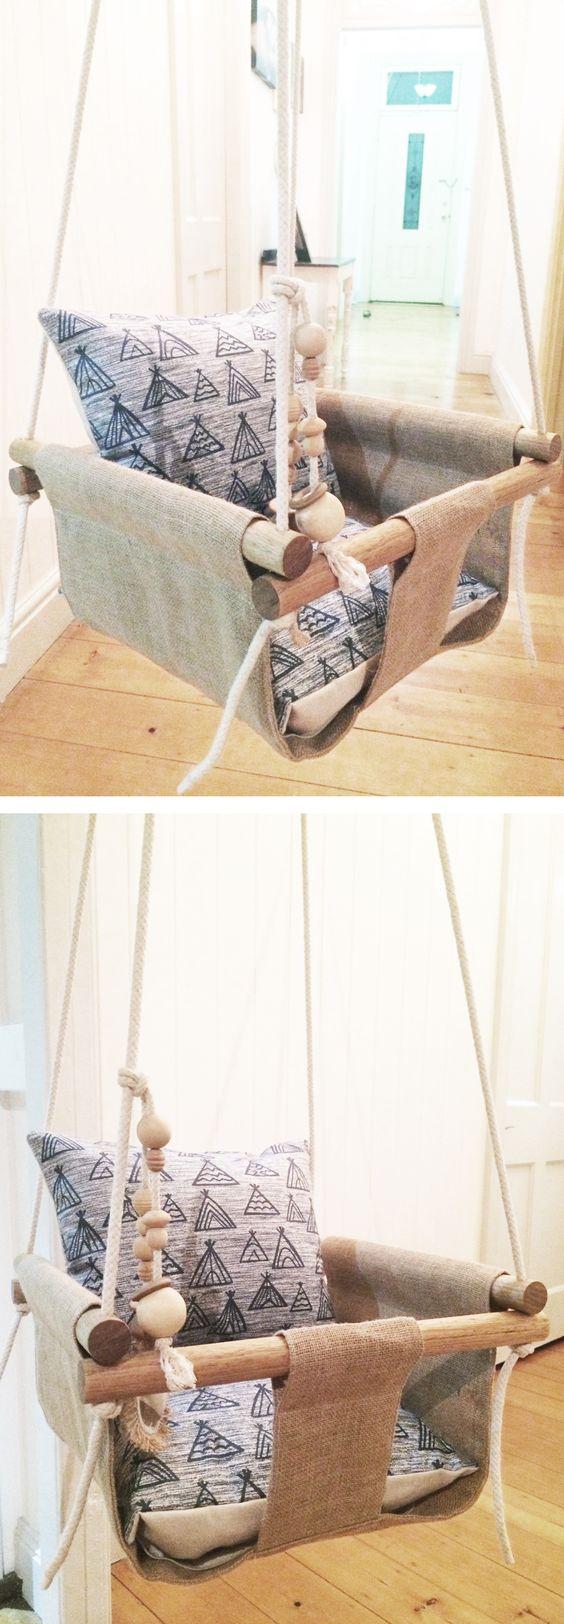 Handmade Burlap Baby Swing.